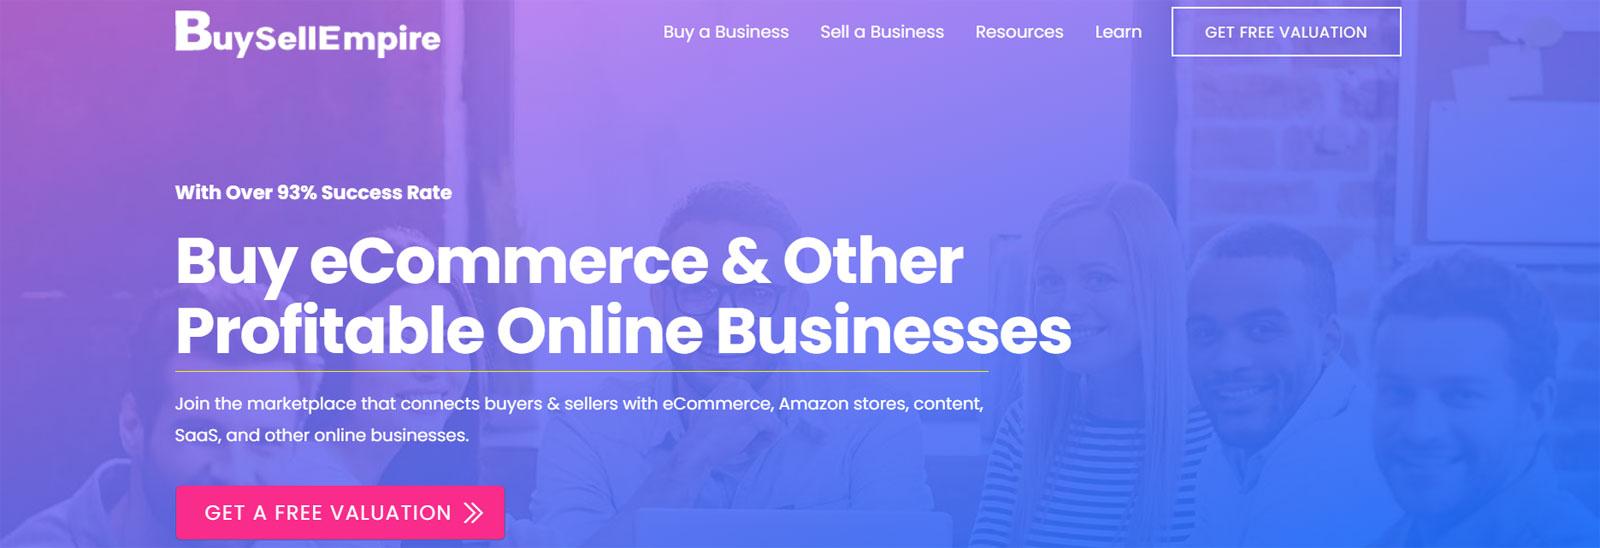 EmpireFlippers.com V BuySellEmpire.com – Complaint Denied